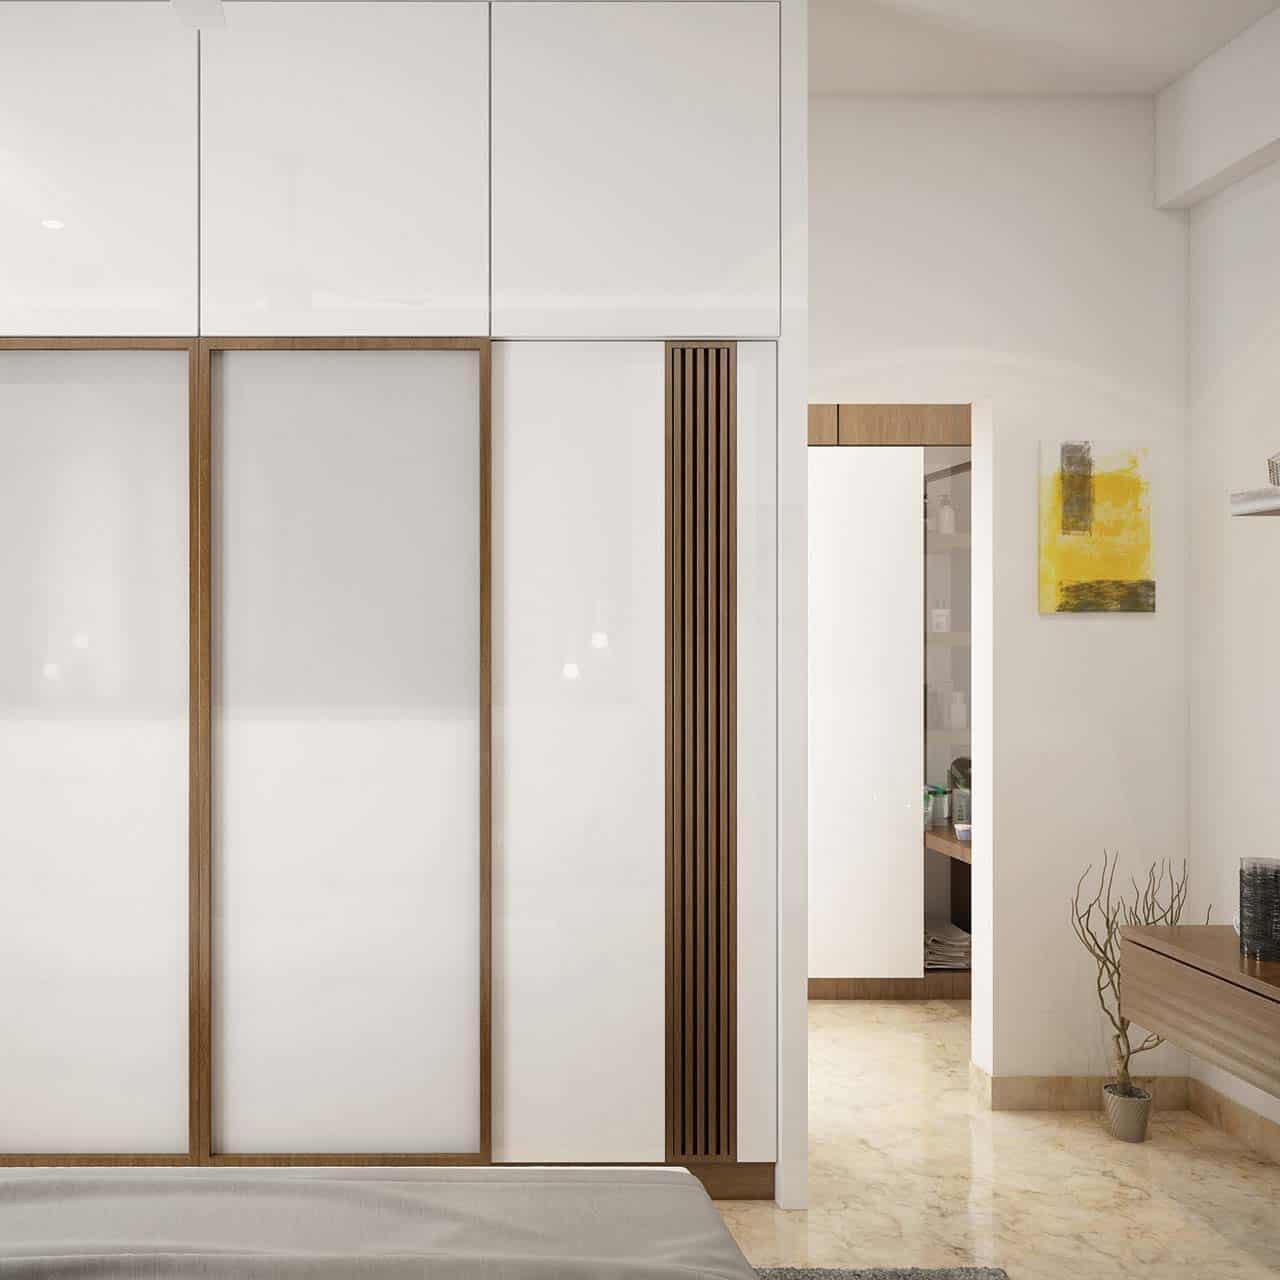 Soften Room Transitions